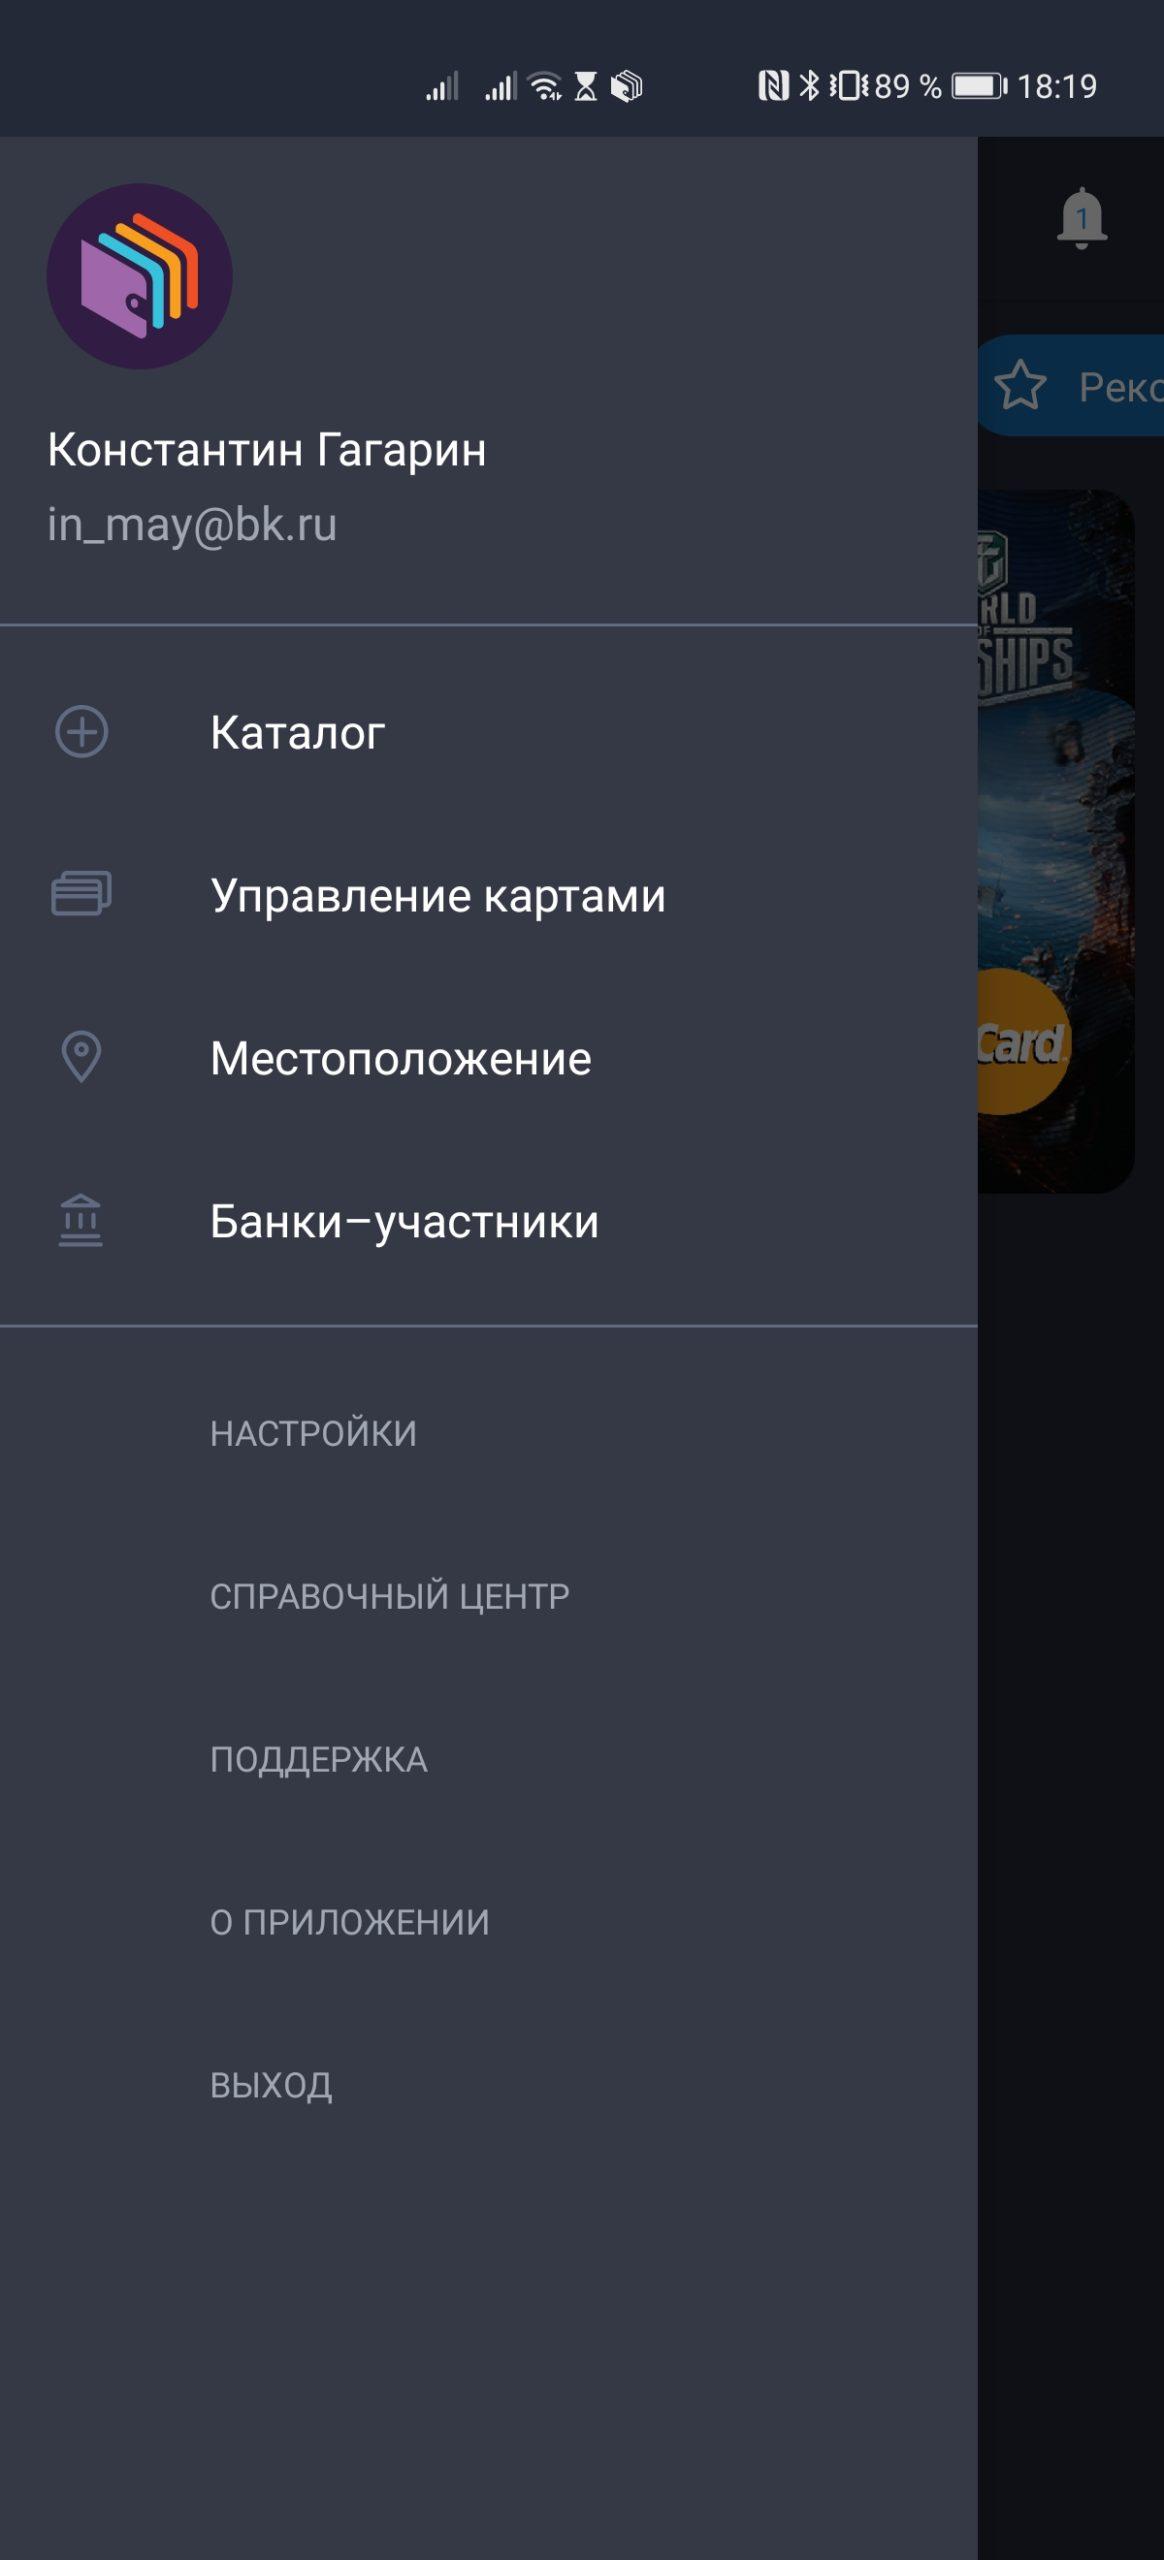 Как удалить карту из приложения Кошелёк